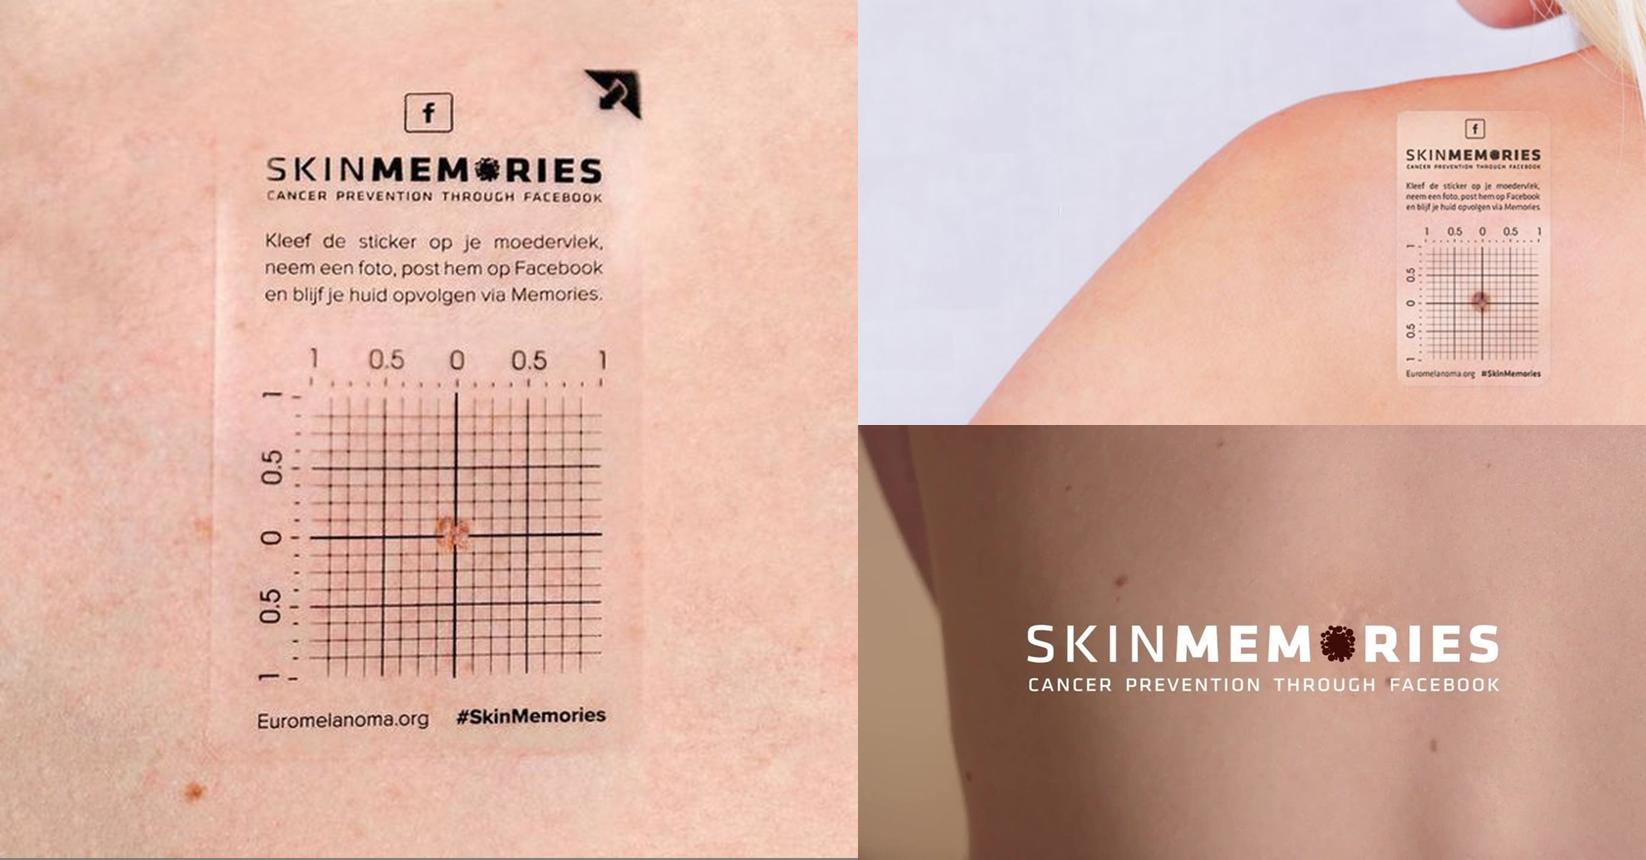 Skin Memories เปลี่ยน Facebook Memories เป็นเครื่องมือตรวจเช็คมะเร็งผิวหนัง